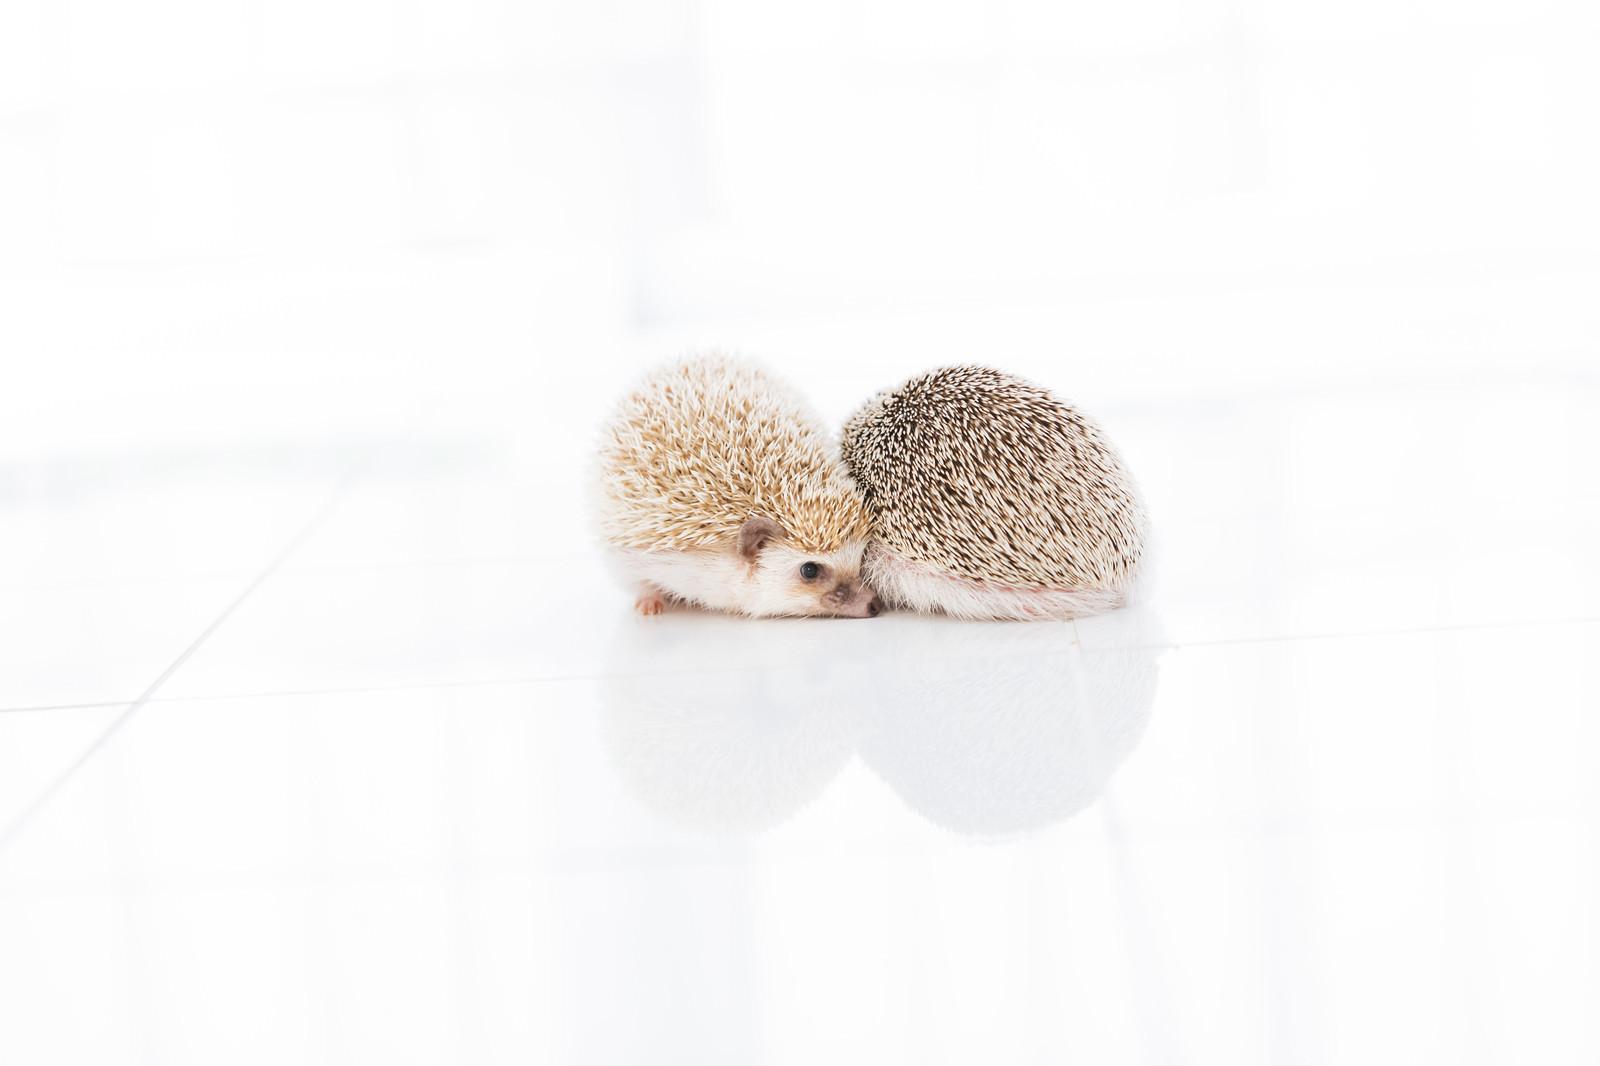 「ギュッ と寄り添うハリネズミ」の写真